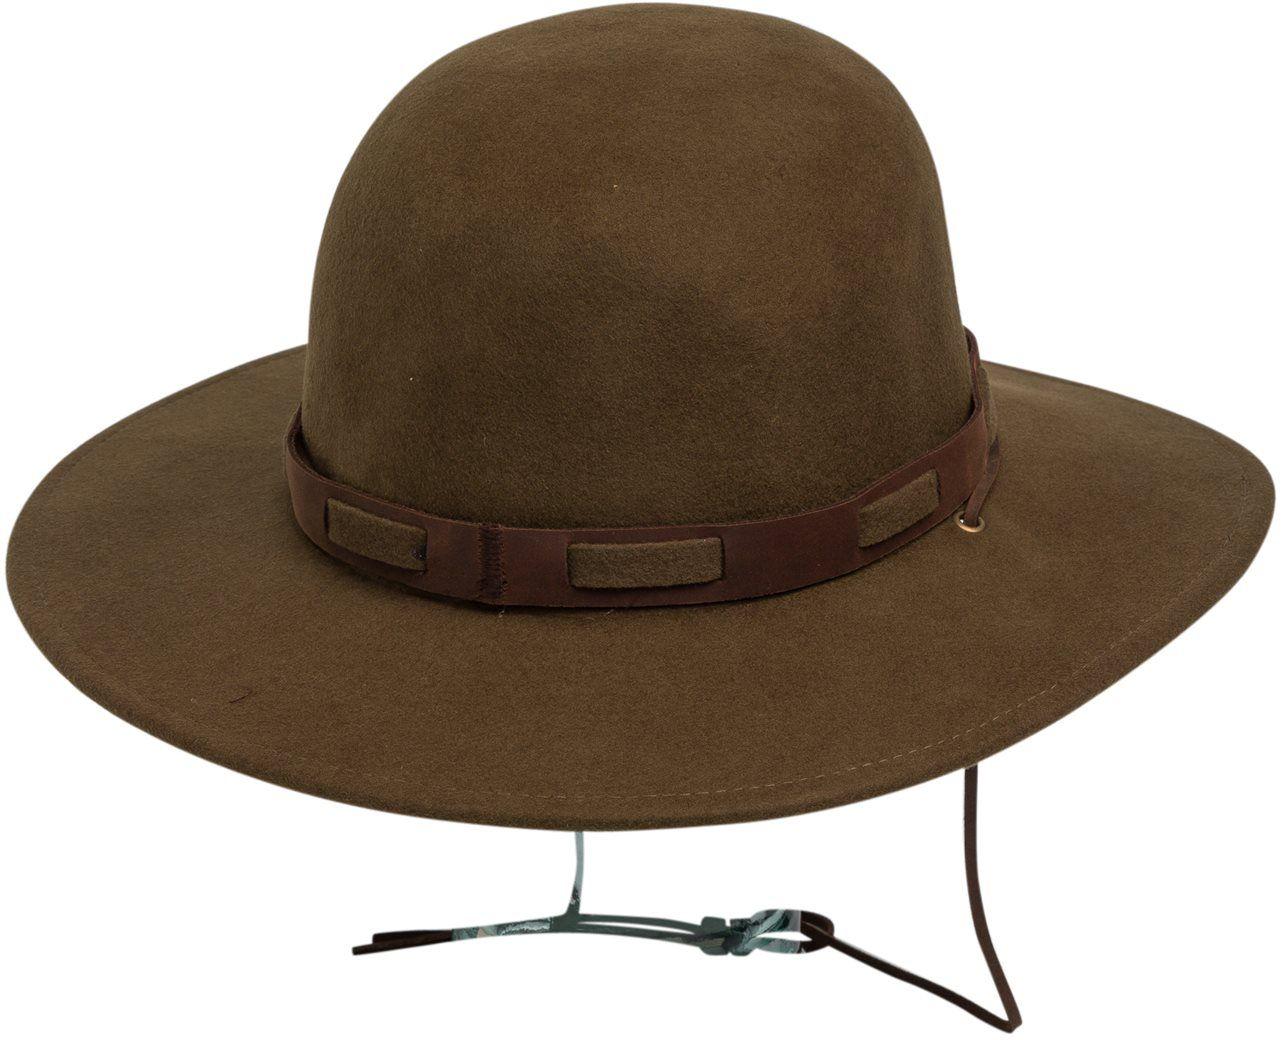 fac3fe2b570 ... czech brixton steeler hat image 2d873 bf513